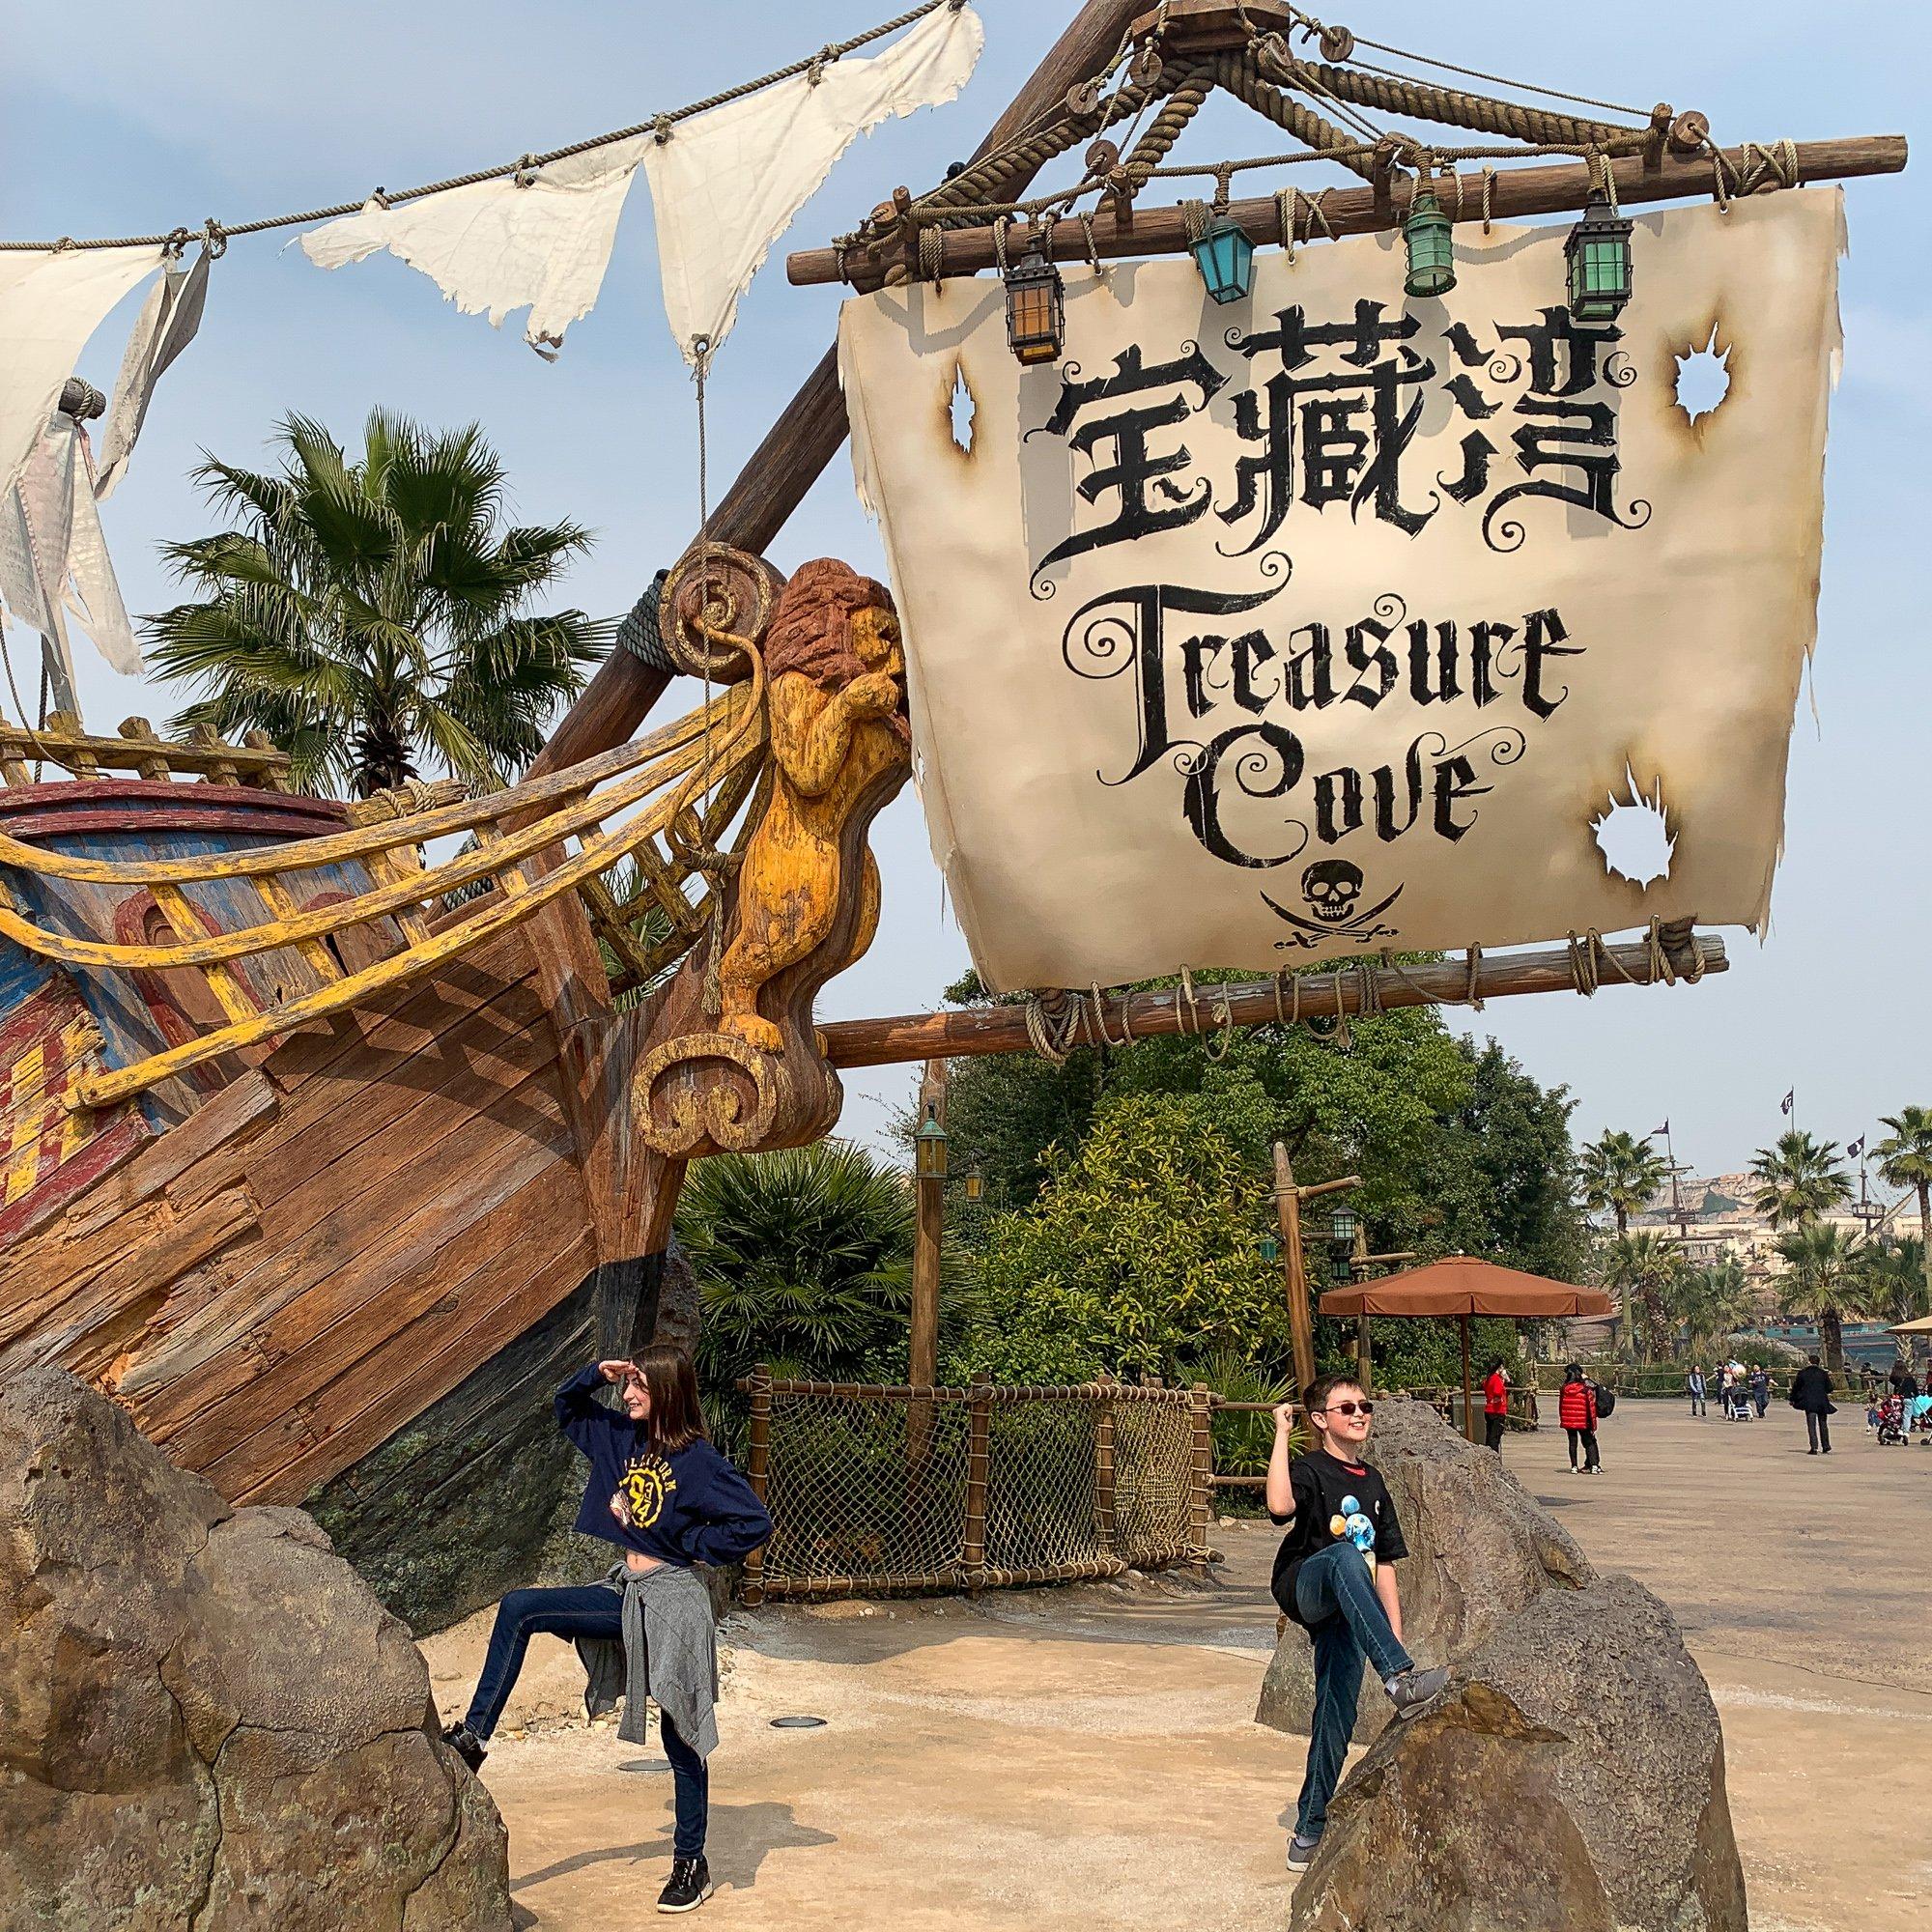 Teen and tween at Treasure Cove at Shanghai Disneyland